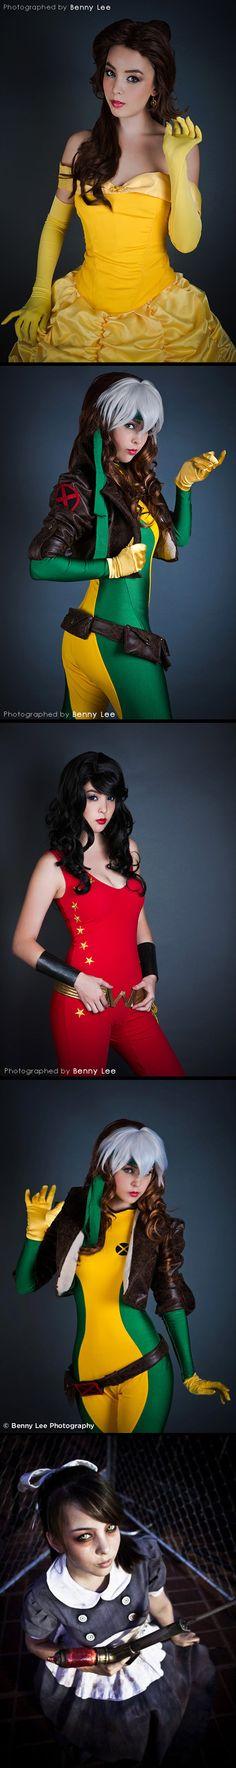 Monika Lee cosplay (Benny Lee Photography)